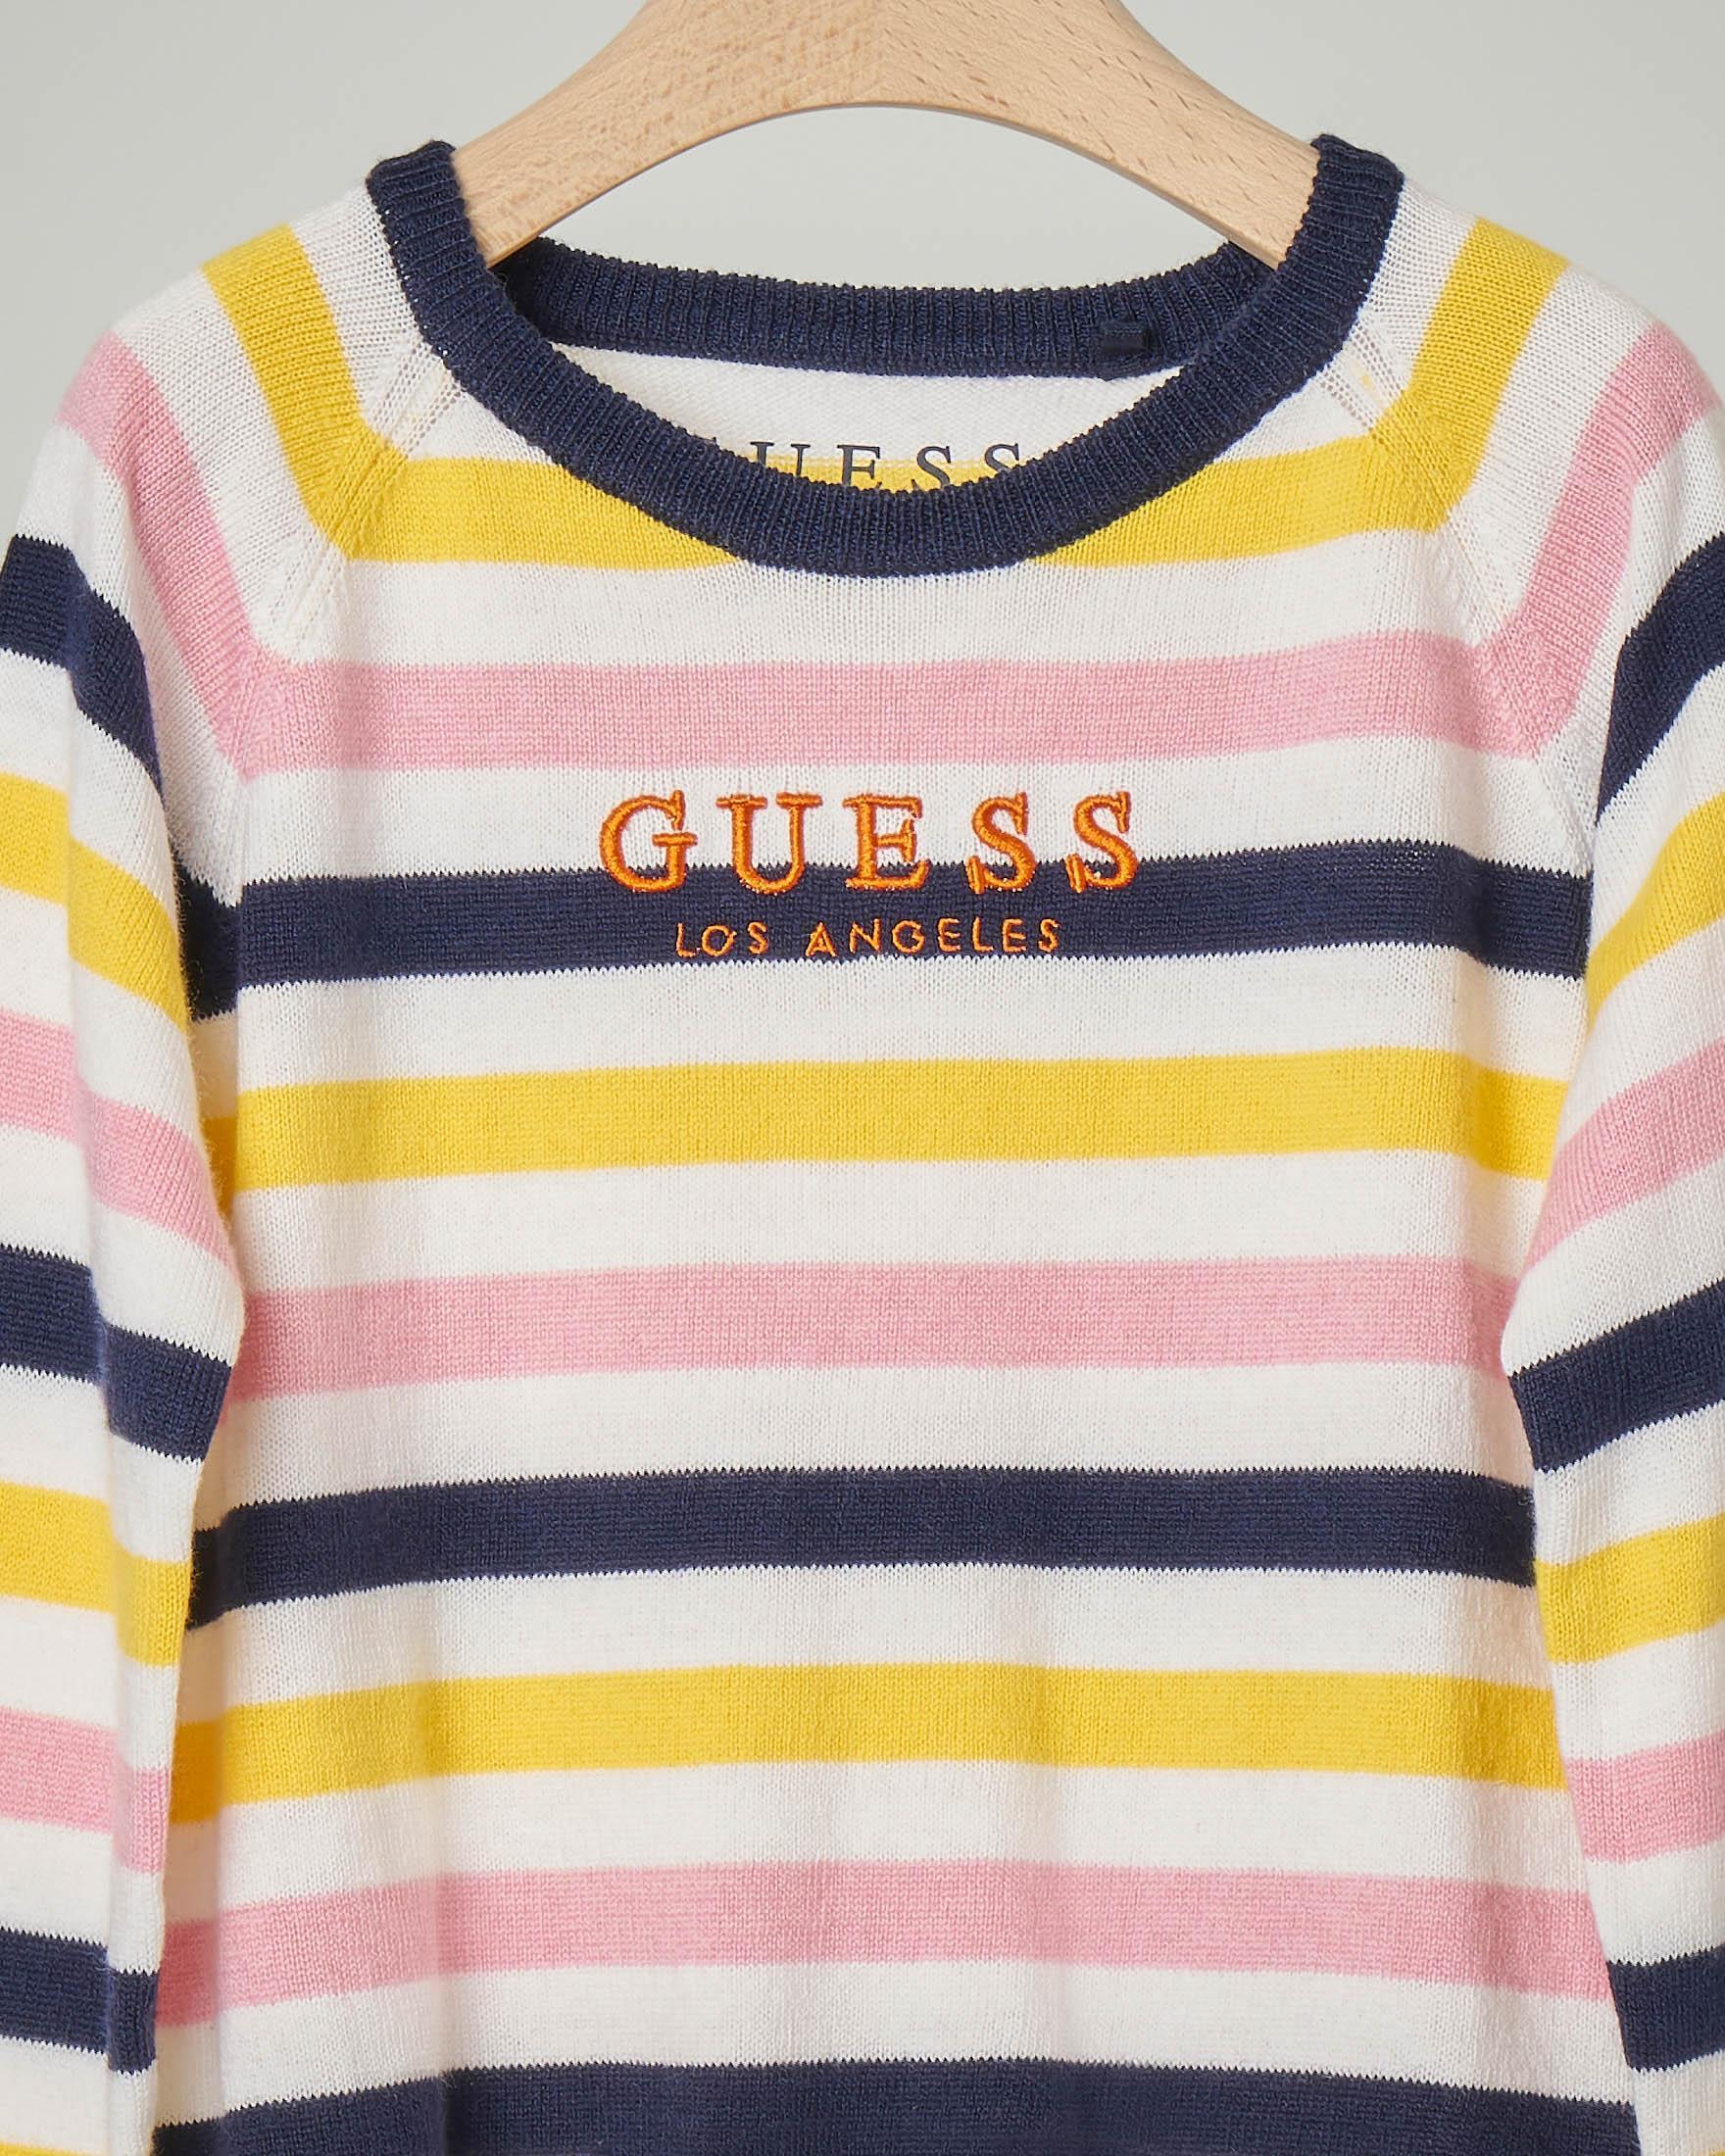 Maglia girocollo in misto lana con motivo a righe multicolor e scritta logo 3-7 anni